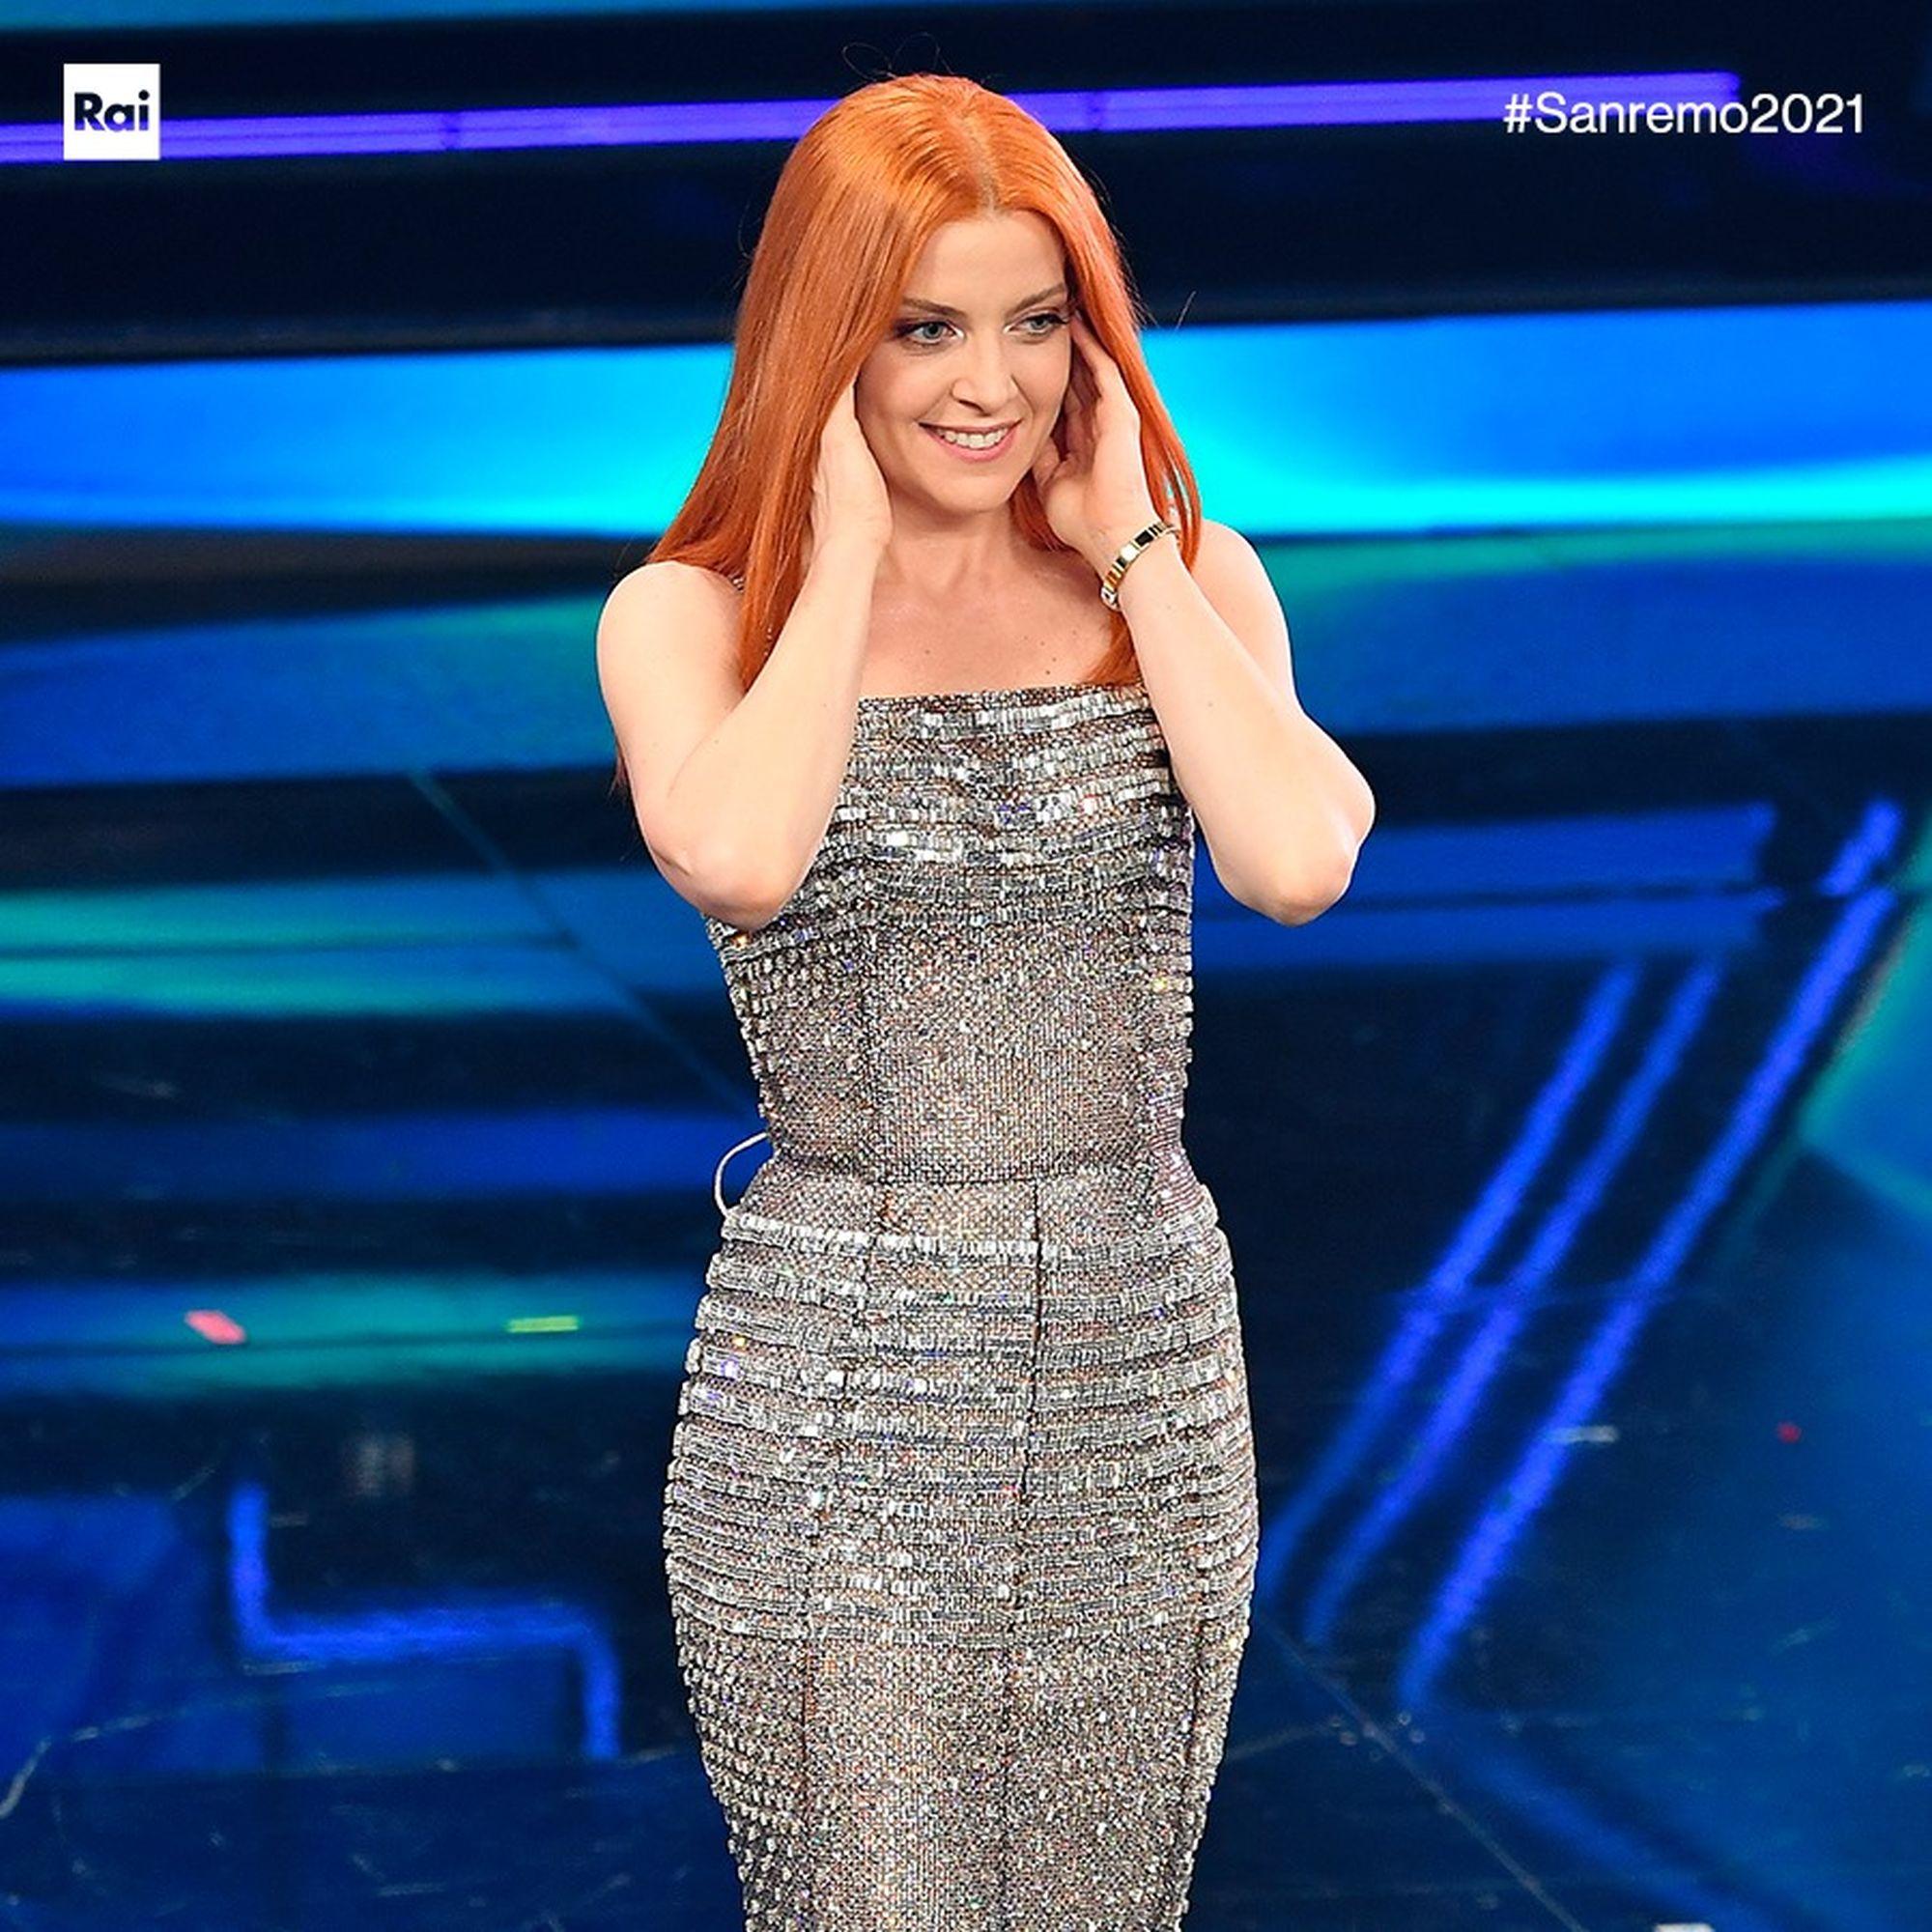 Chi si esibisce nella terza serata del Festival di Sanremo 2021